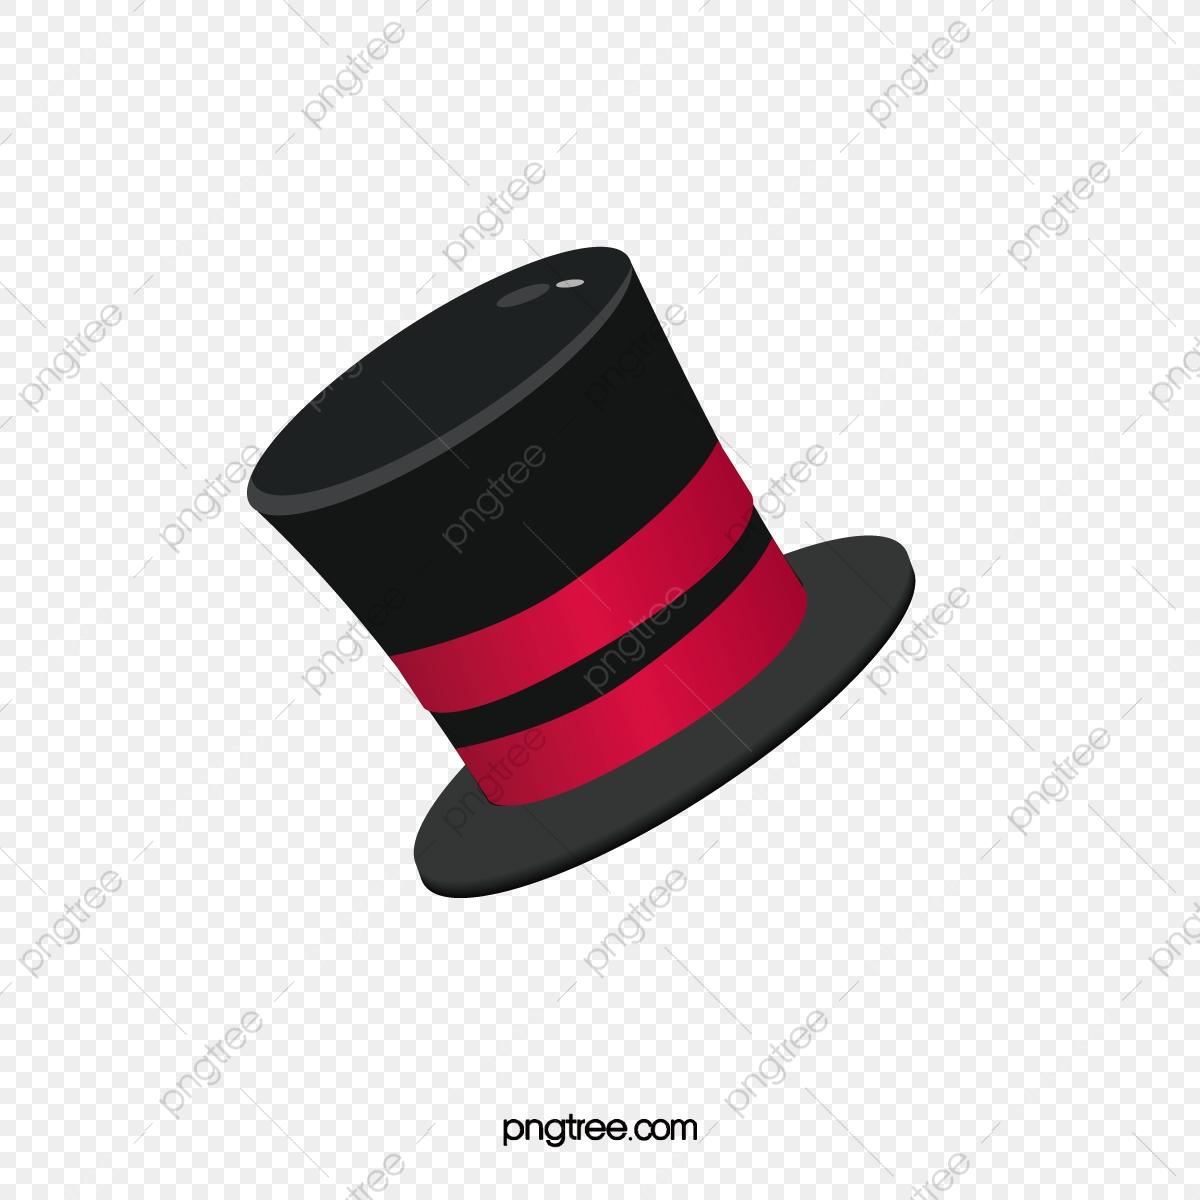 Magic clipart magic cap. Magician hat enchanter png